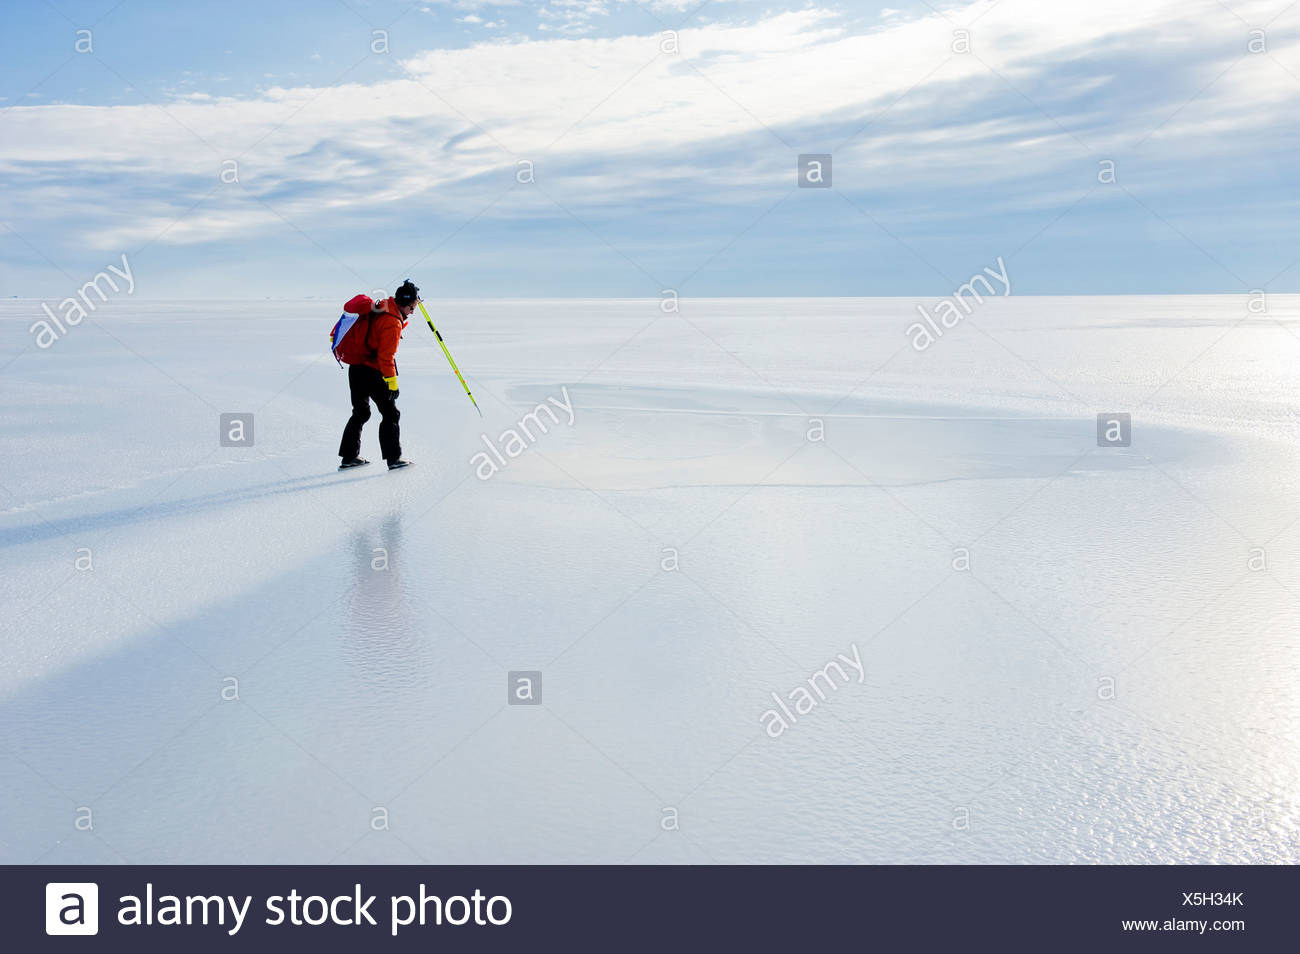 Vista lateral de un skater en el tranquilo lago congelado contra el cielo nublado Imagen De Stock